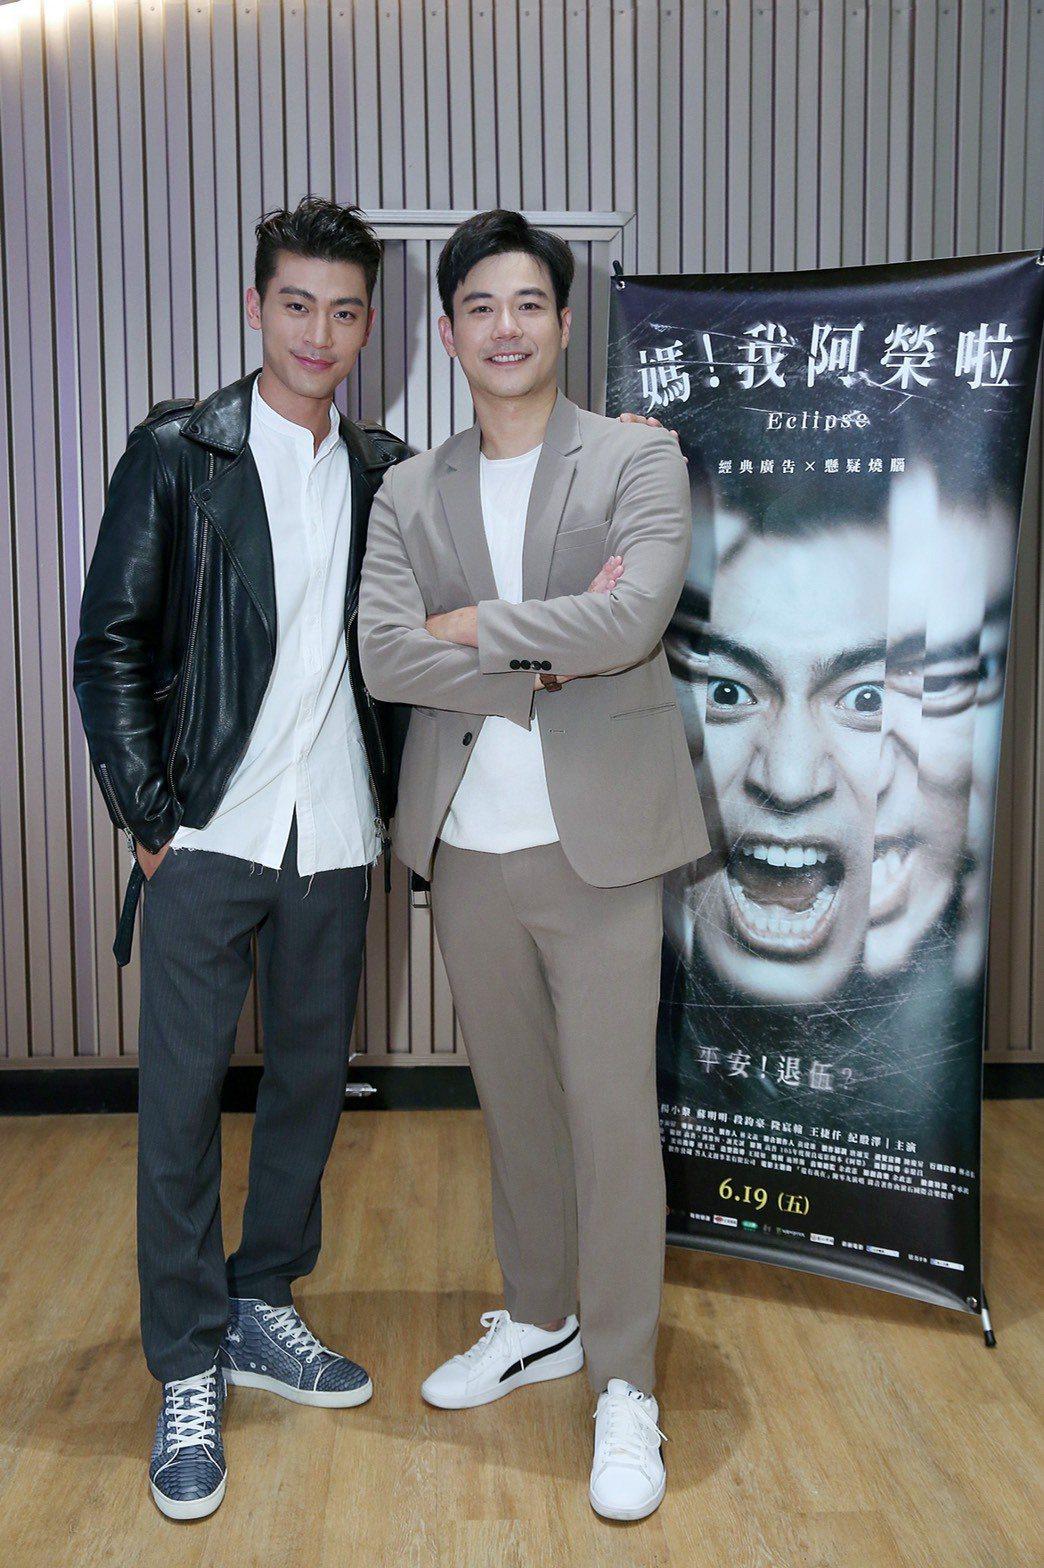 劉傑中(右)來捧徐愷(左)主演新片的場。圖/碧麒沃客提供